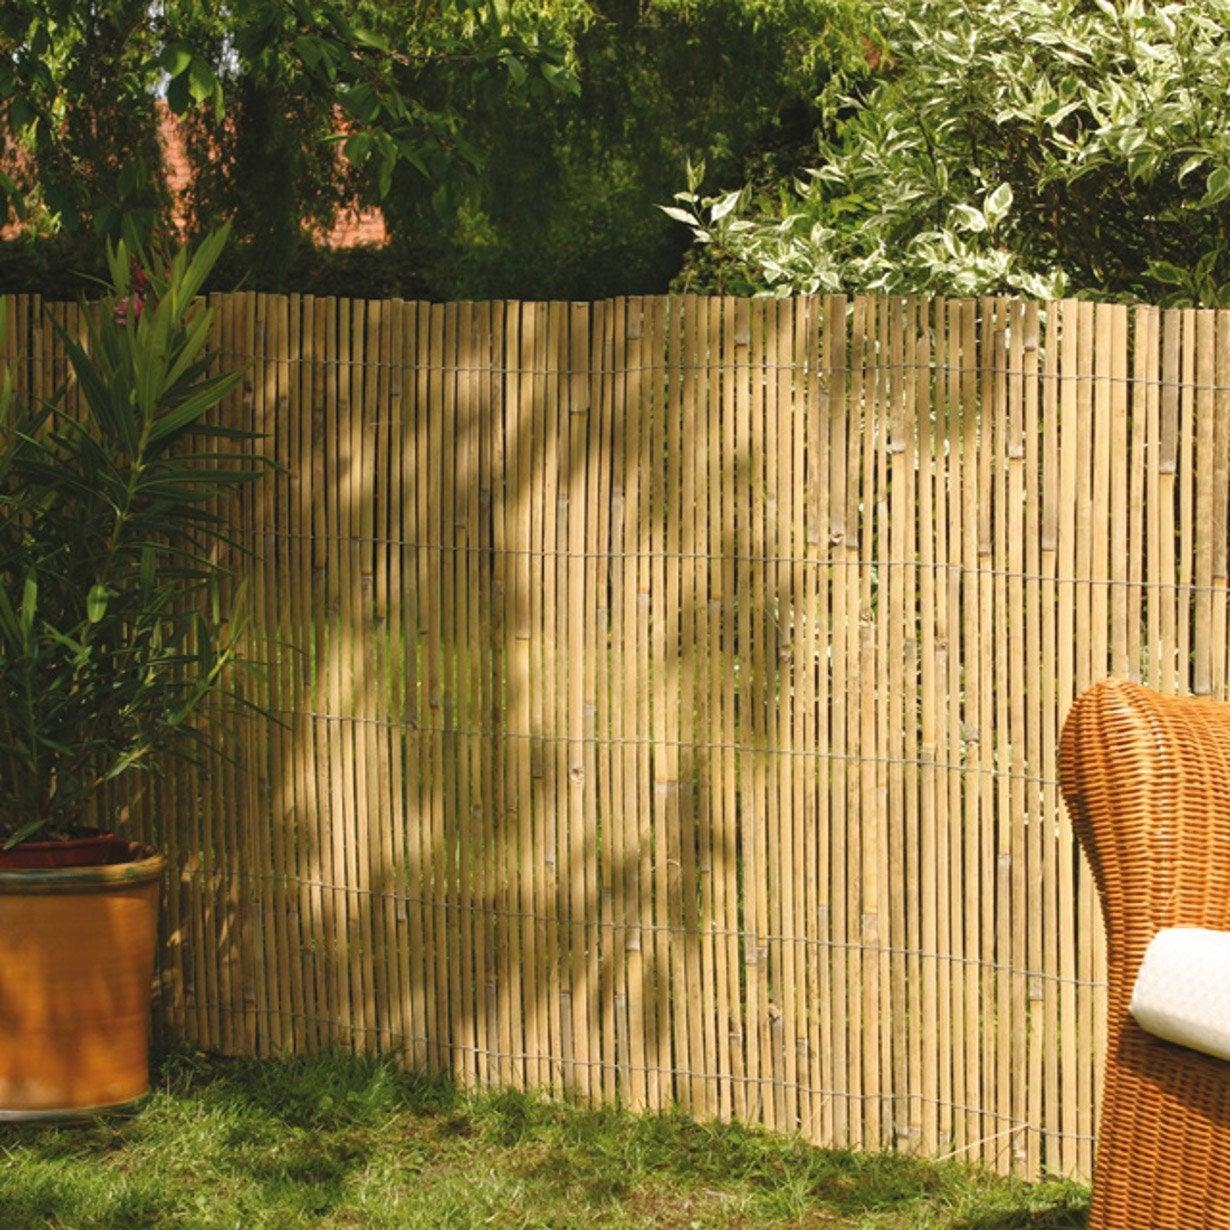 bien choisir un occultant pour clôture pas cher conseils